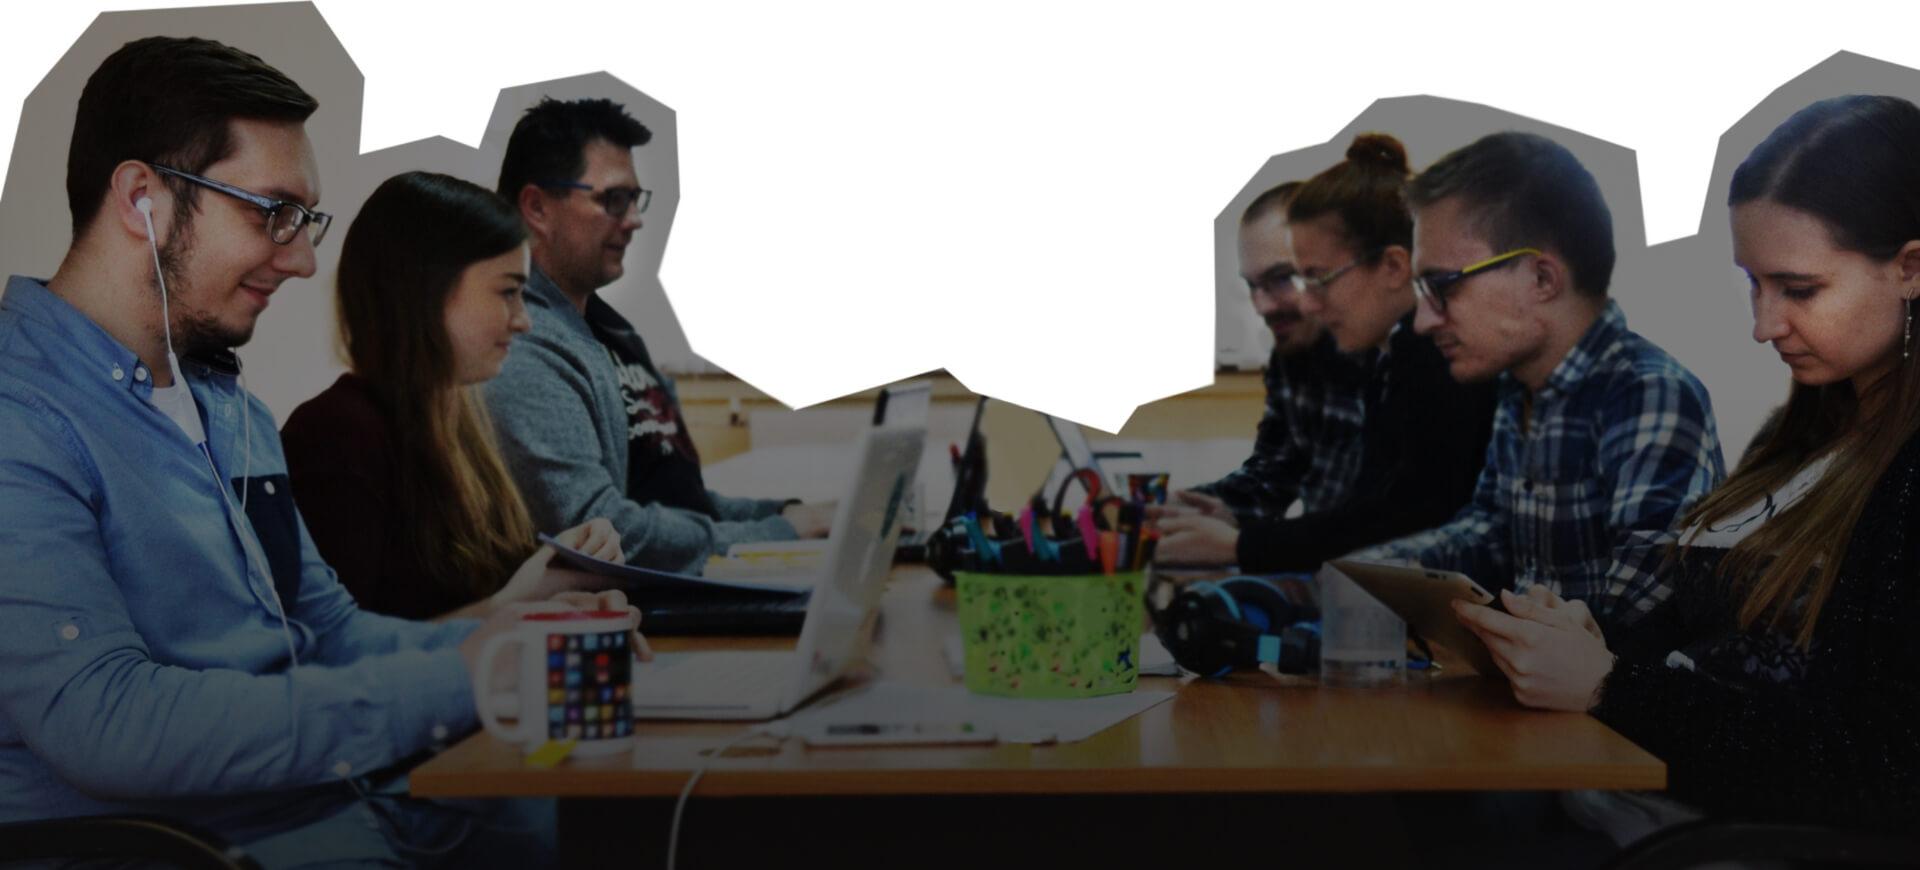 Tworzenie sklepów internetowych - programiści podczas pracy.